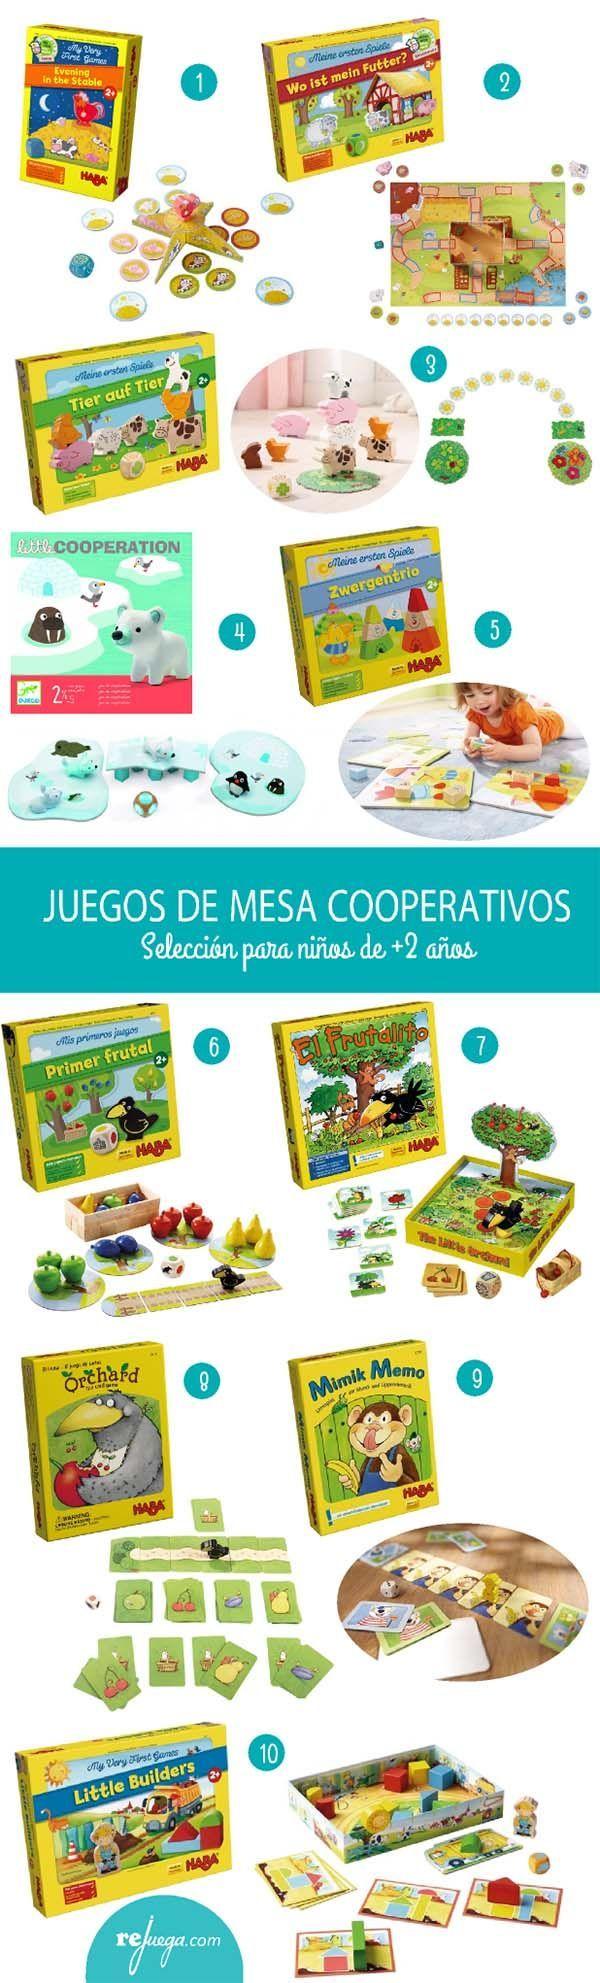 juegos de mesa cooperativos para niños de más de 2 años